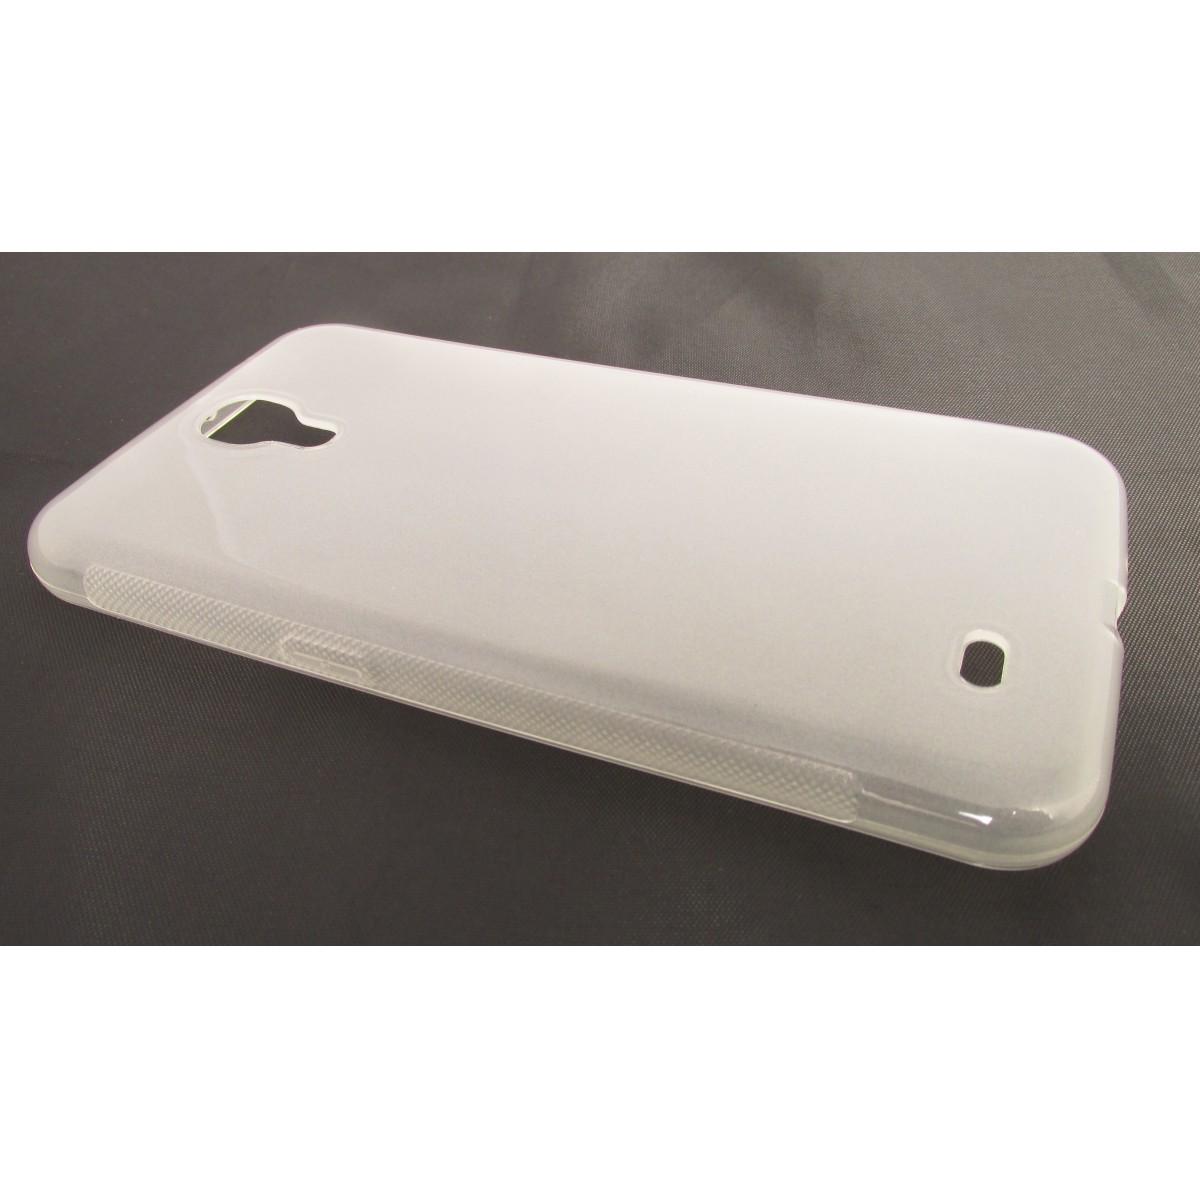 Capa de Tpu para Samsung Galaxy Mega 6.3 I9200 I9208 + Pelicula Transparente